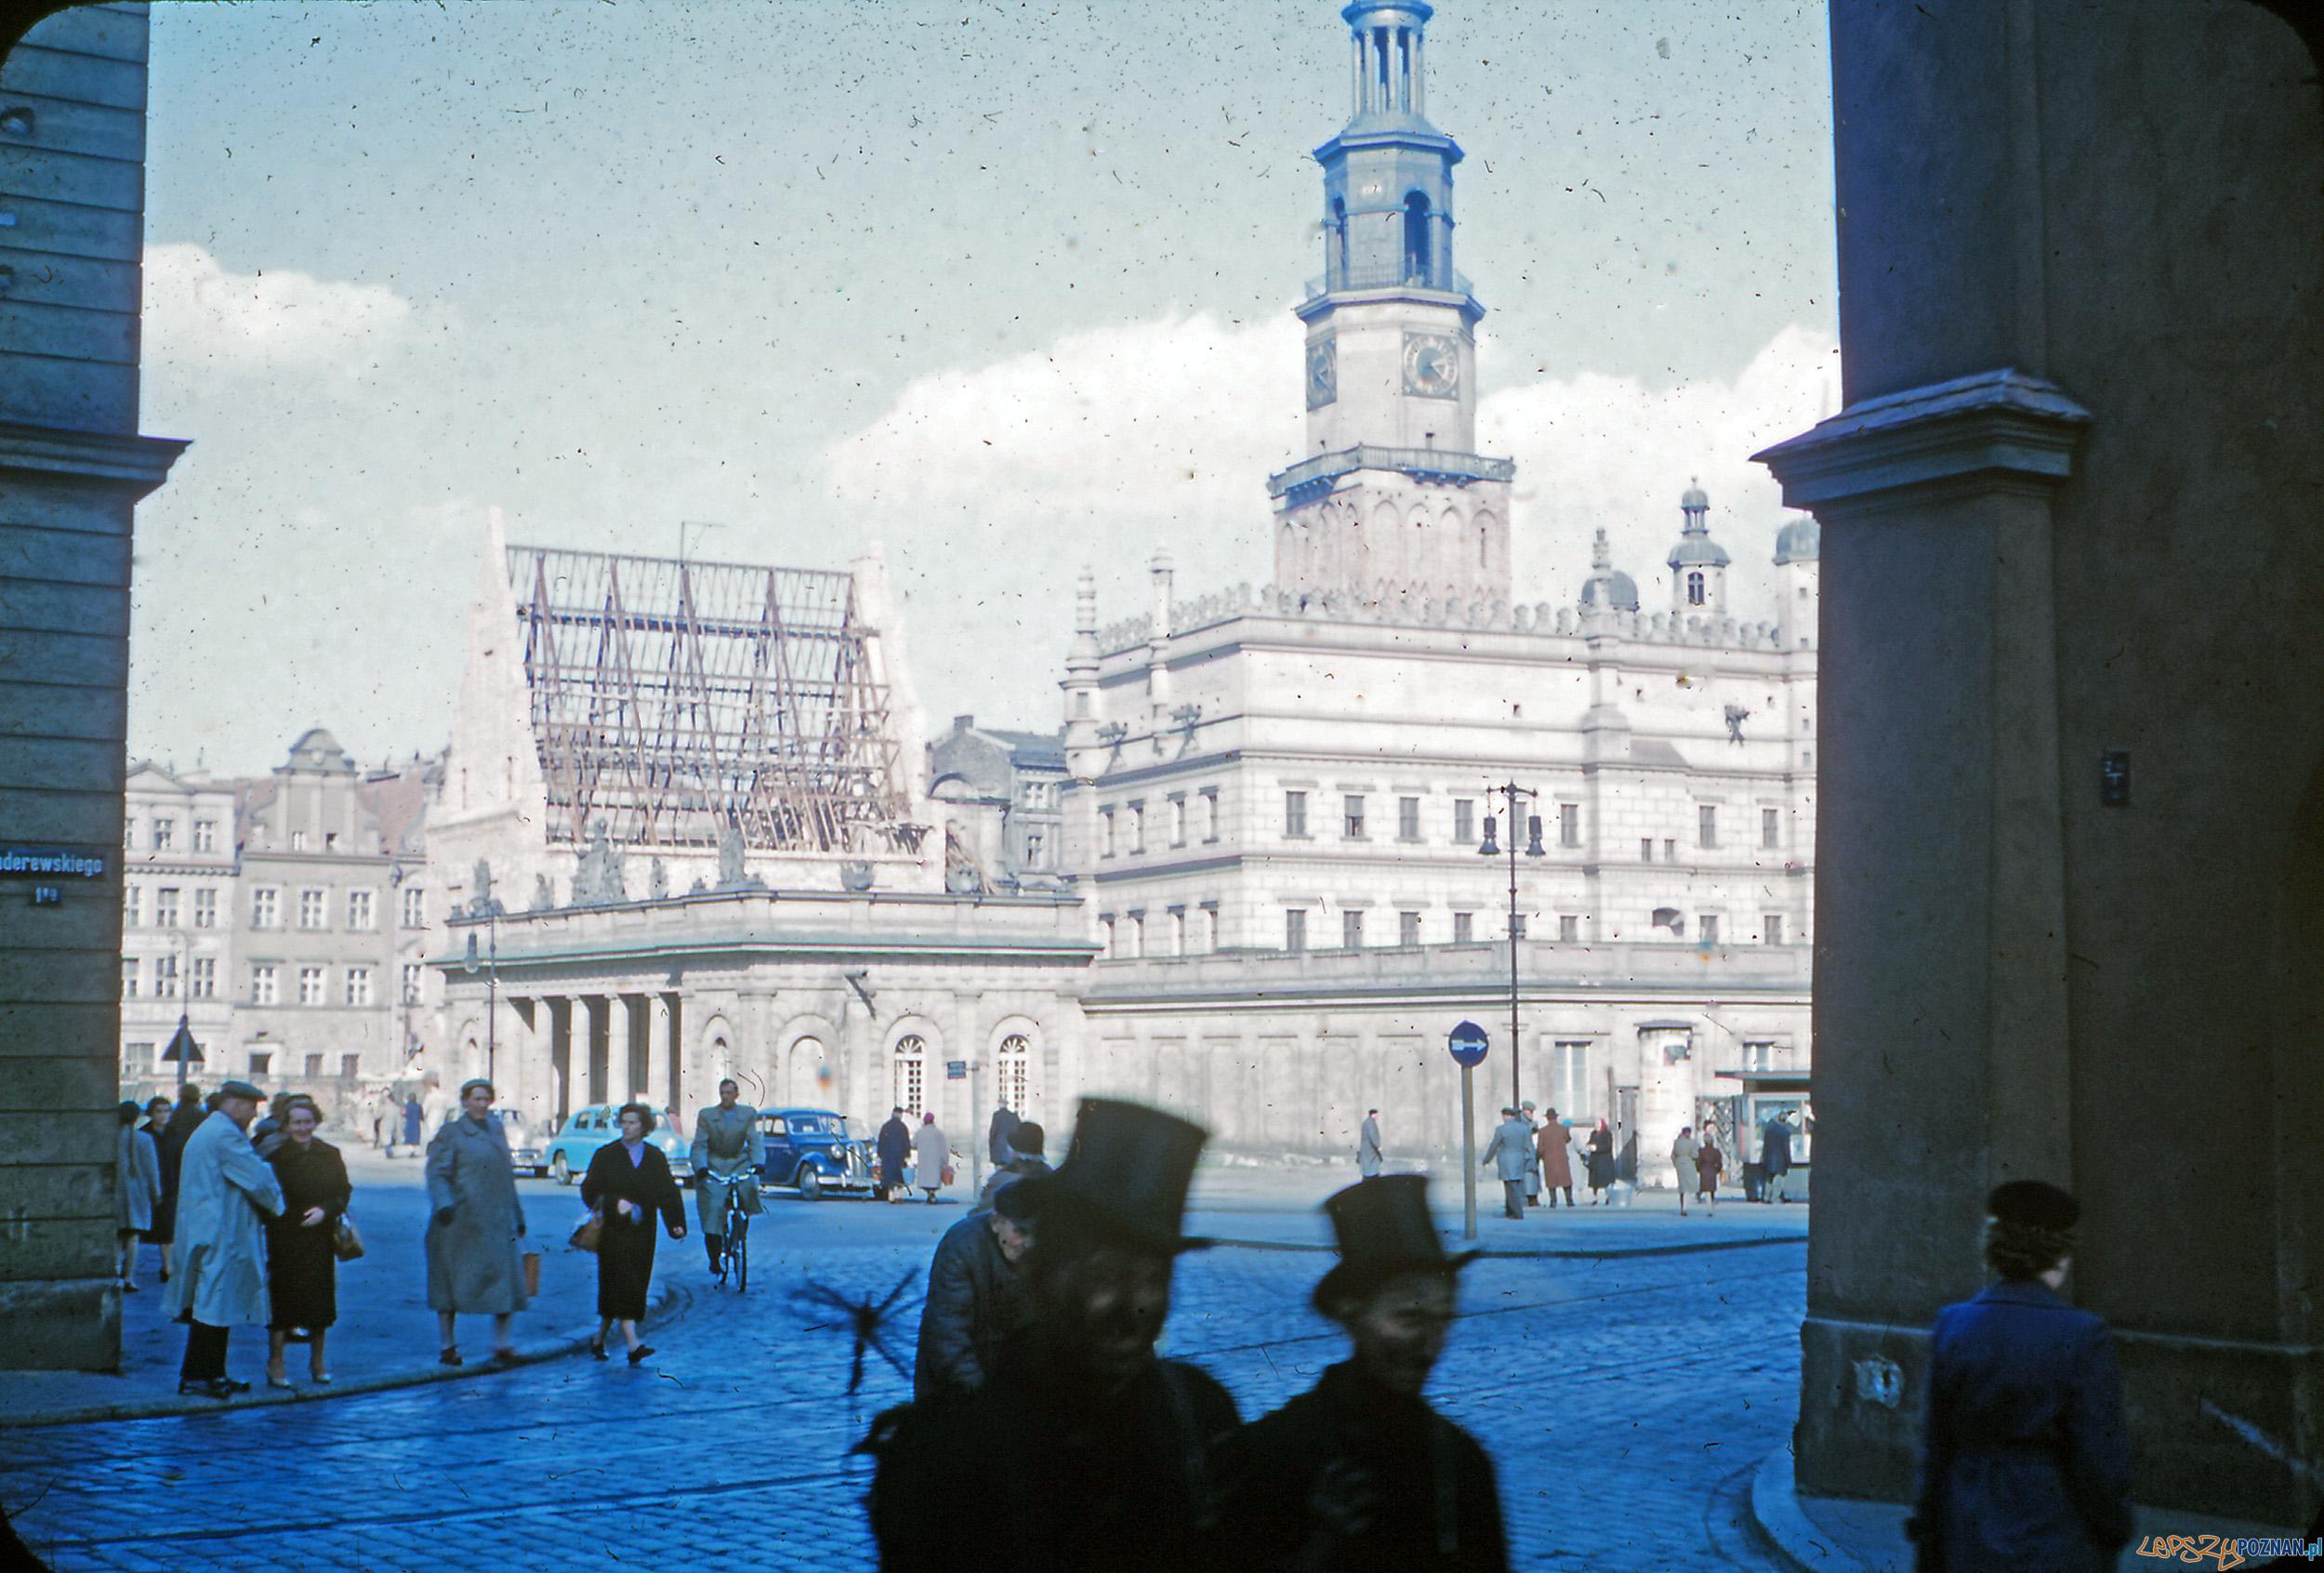 Stary Rynek - koniec lat 50-tych  Foto: Mogens Tørsleff, kolekcja Gorma Rudschinata / Flickr / CC